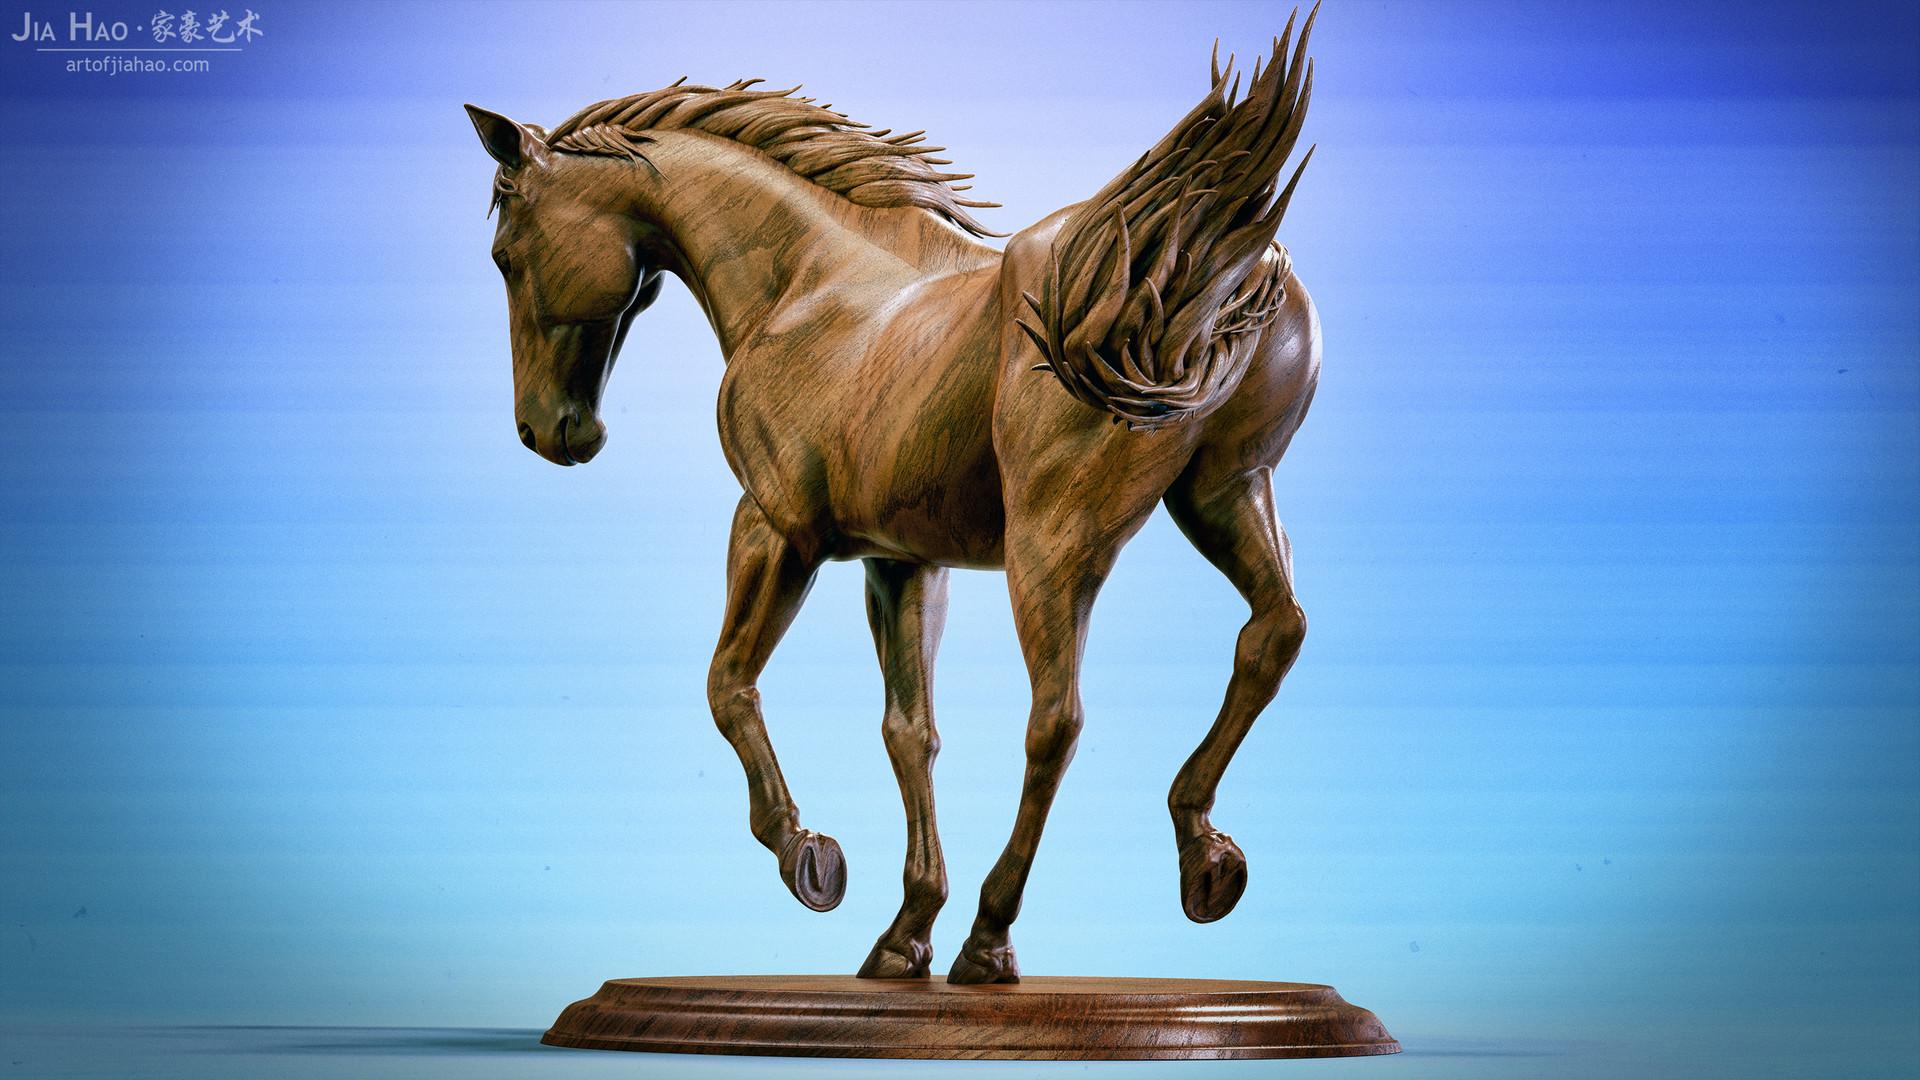 Jia hao horse sculpture comp wood 03